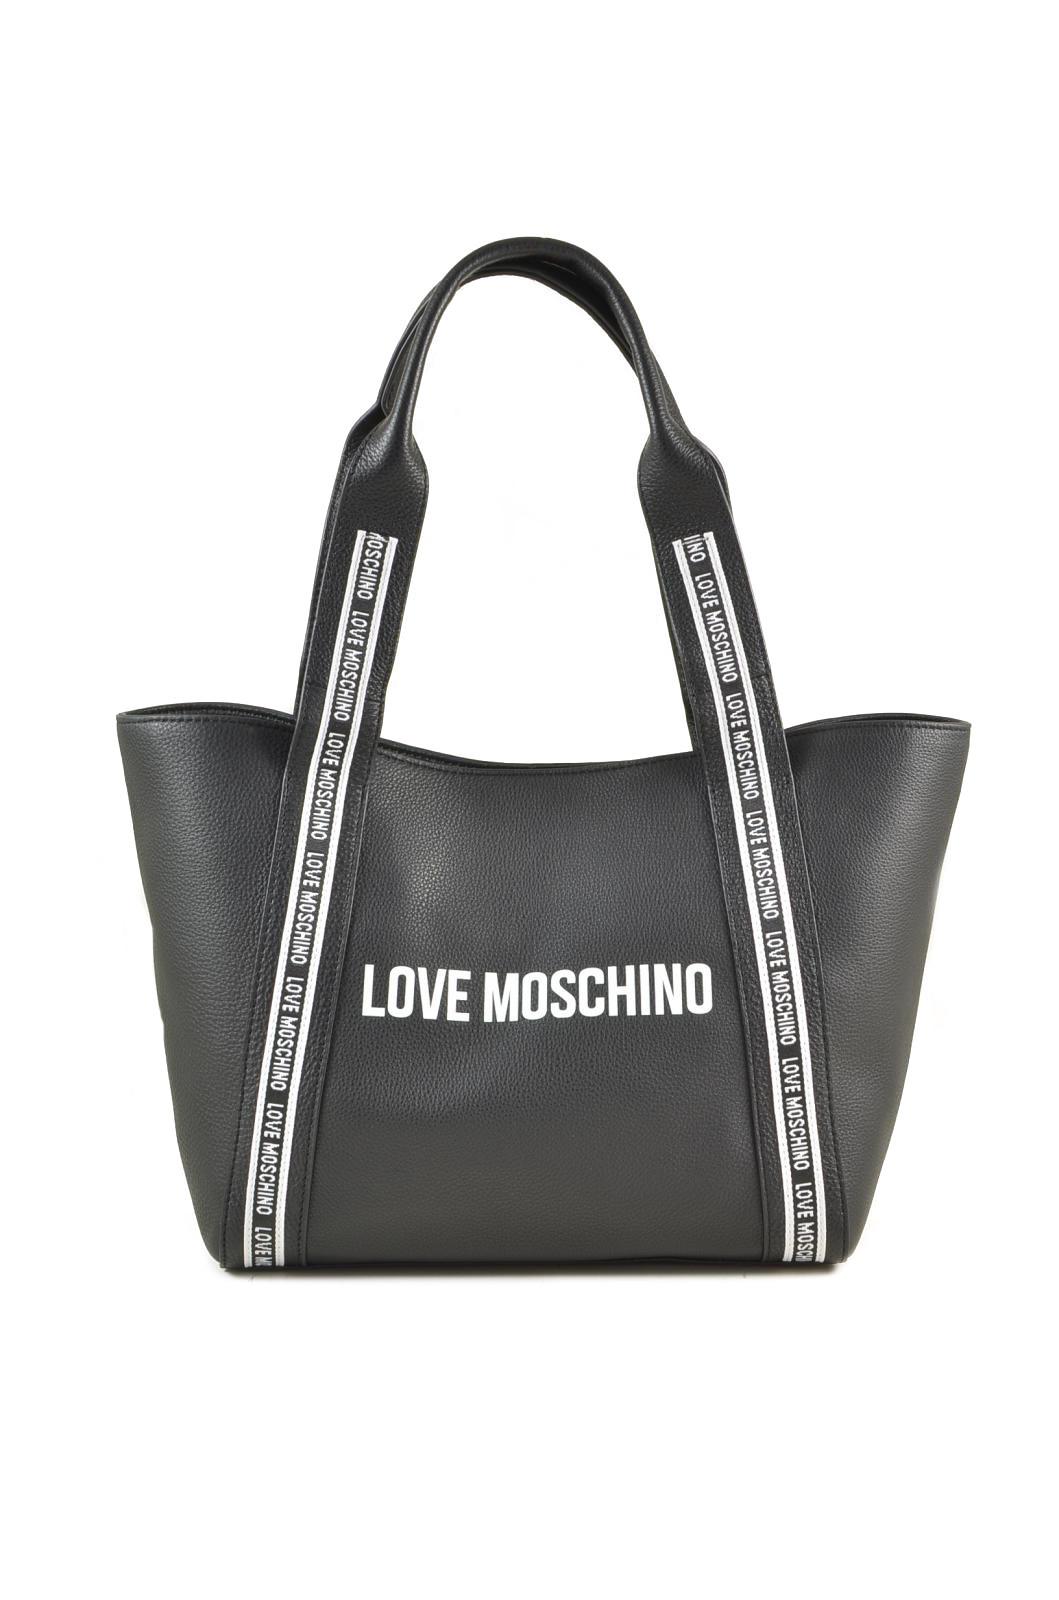 Marchio Love Moschino Genere Donna Tipologia Borse Stagione Primavera/Estat…